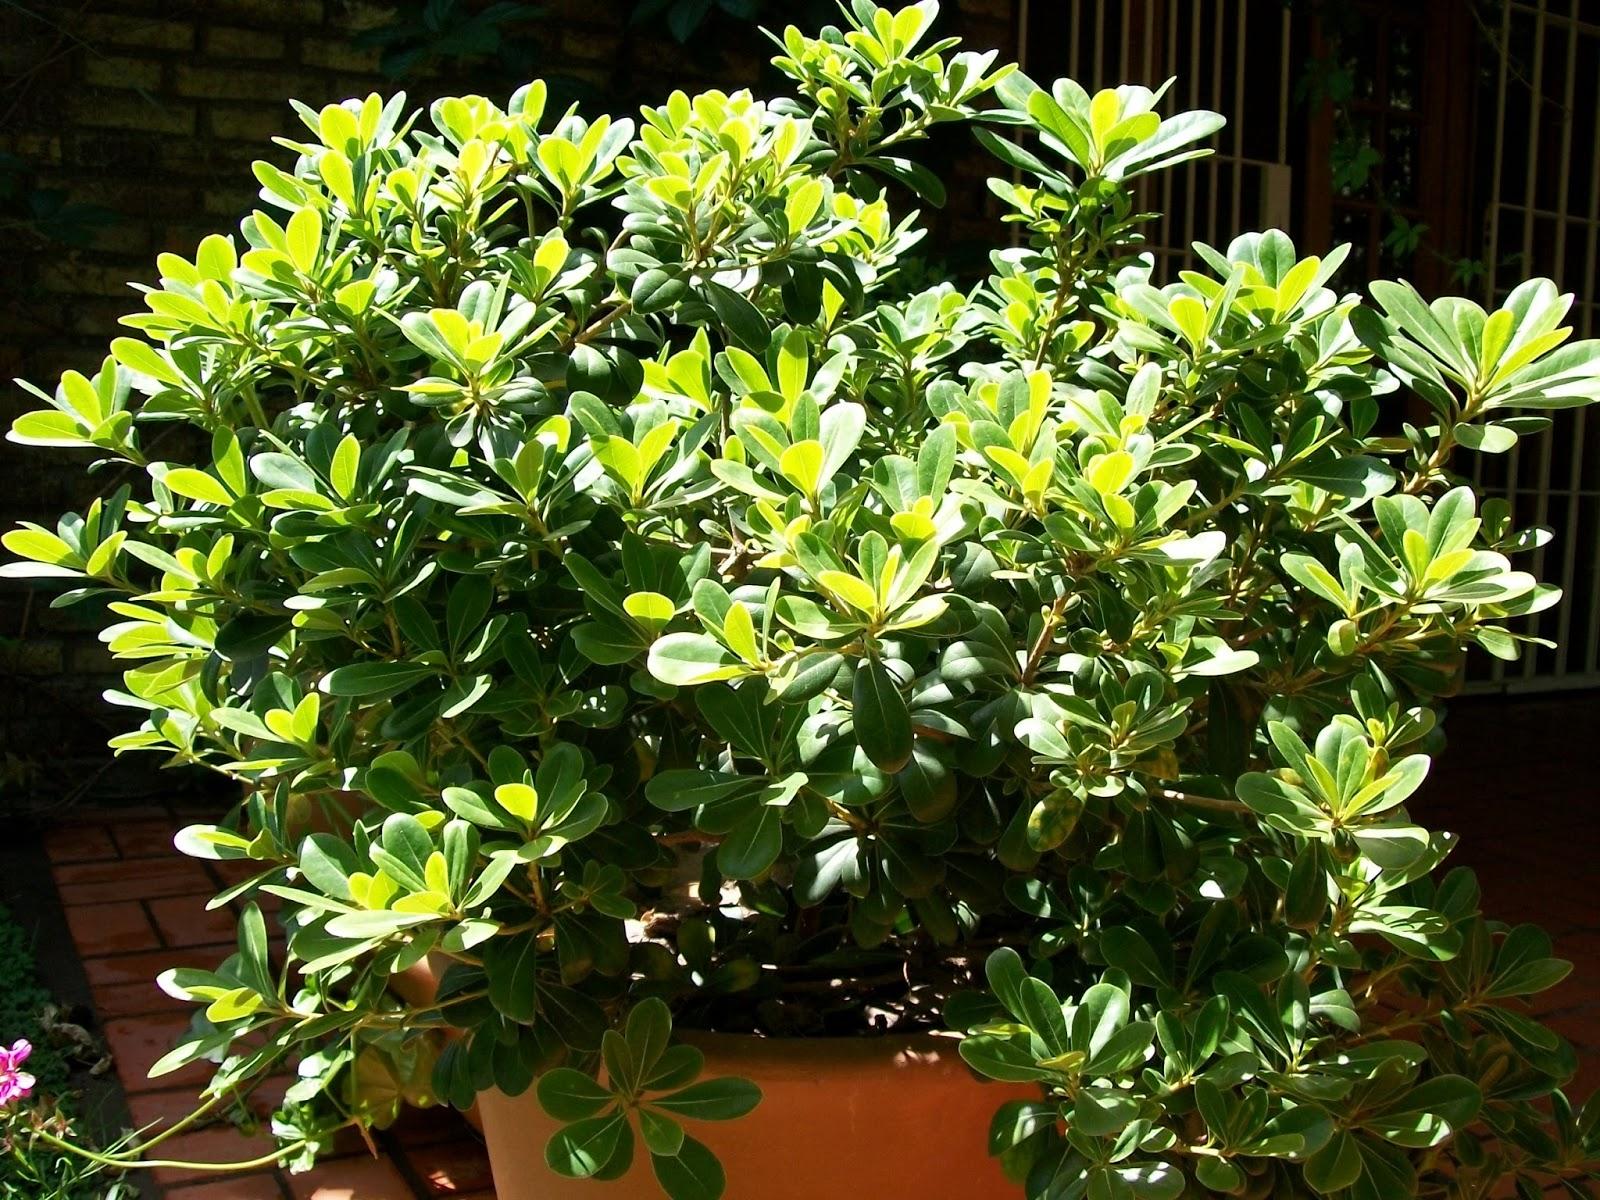 Jardines de sombra las manos en la tierra for Arboles de hoja perenne y crecimiento rapido para jardin